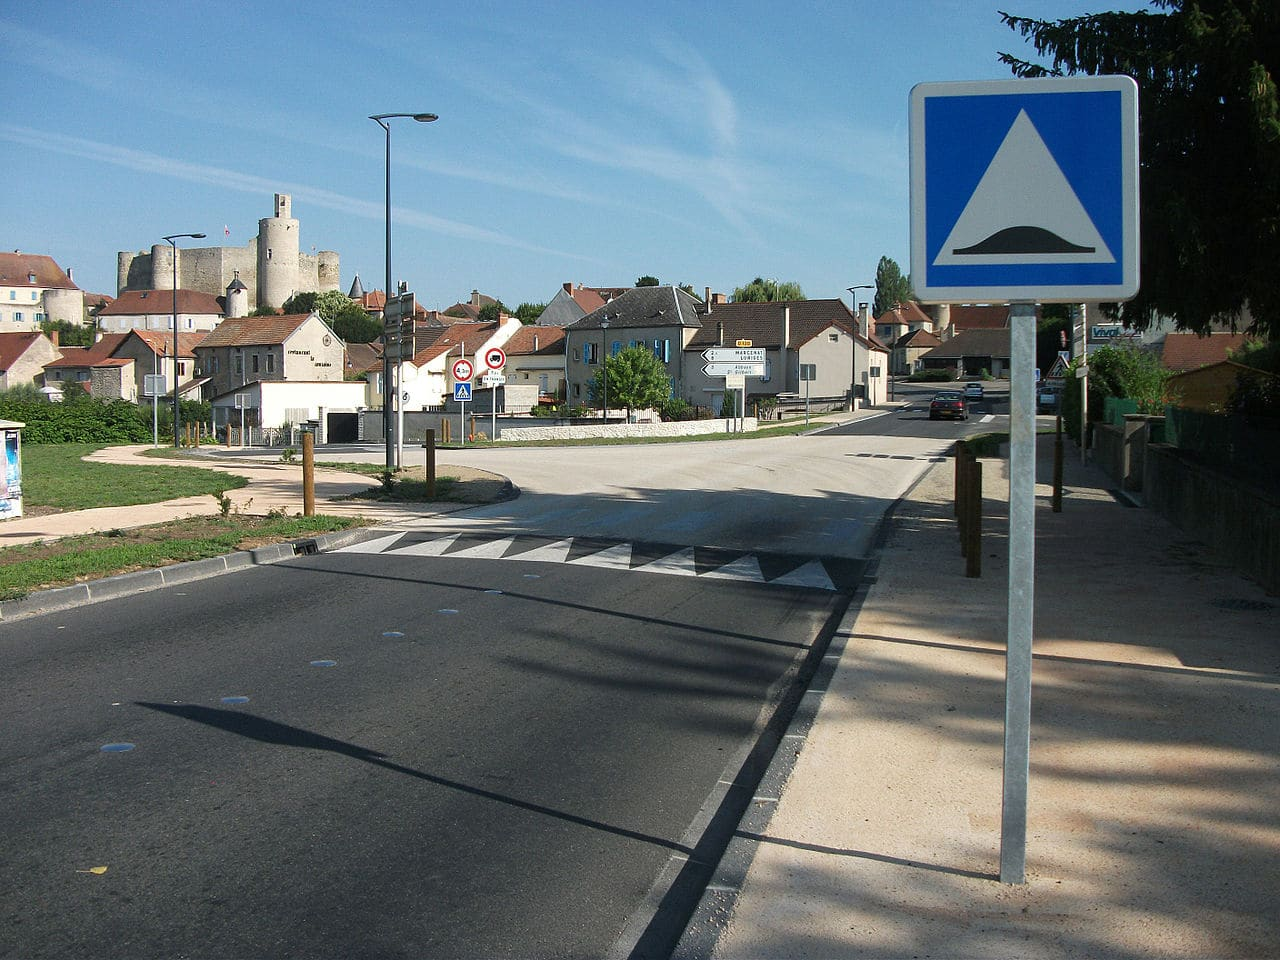 Ralentisseurs illégaux : le «Guide des coussins et plateaux» du CEREMA n'a aucune valeur juridique selon la Cour Administrative d'Appel de Lyon